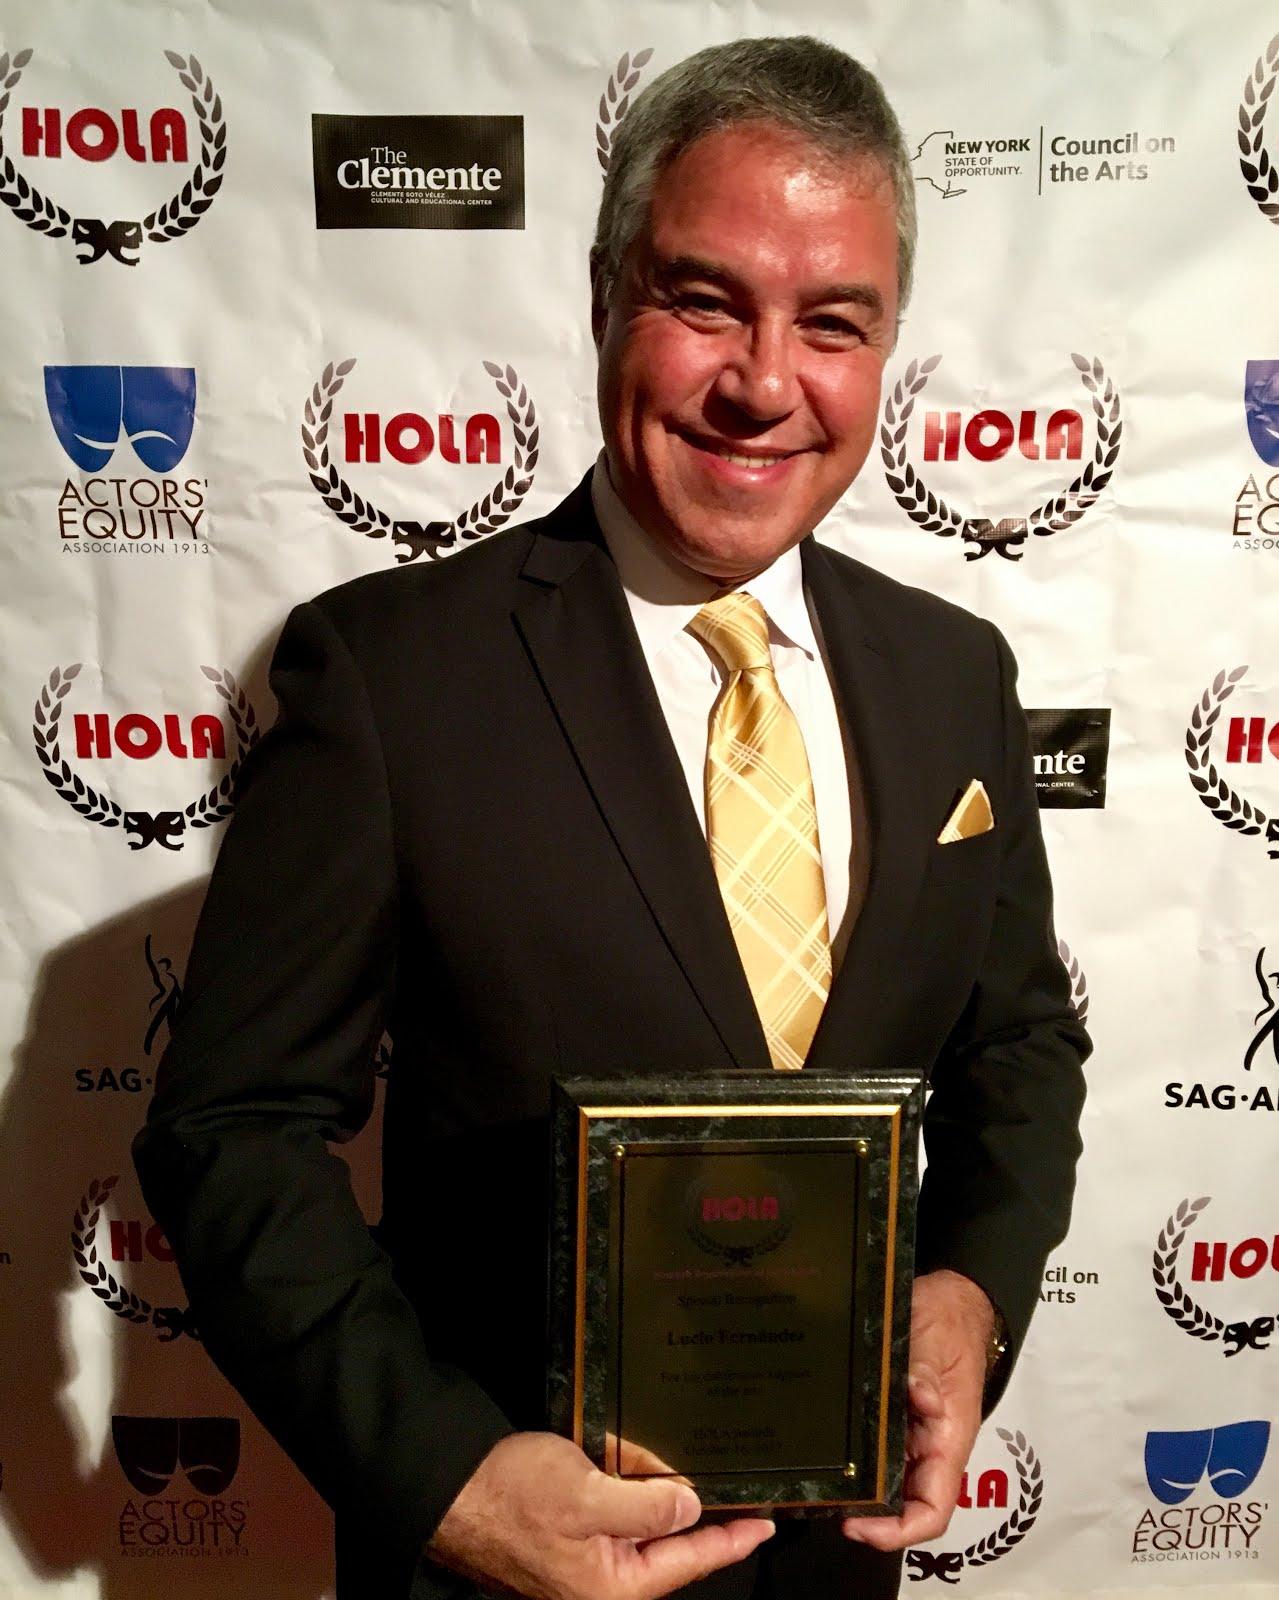 HOLA Award